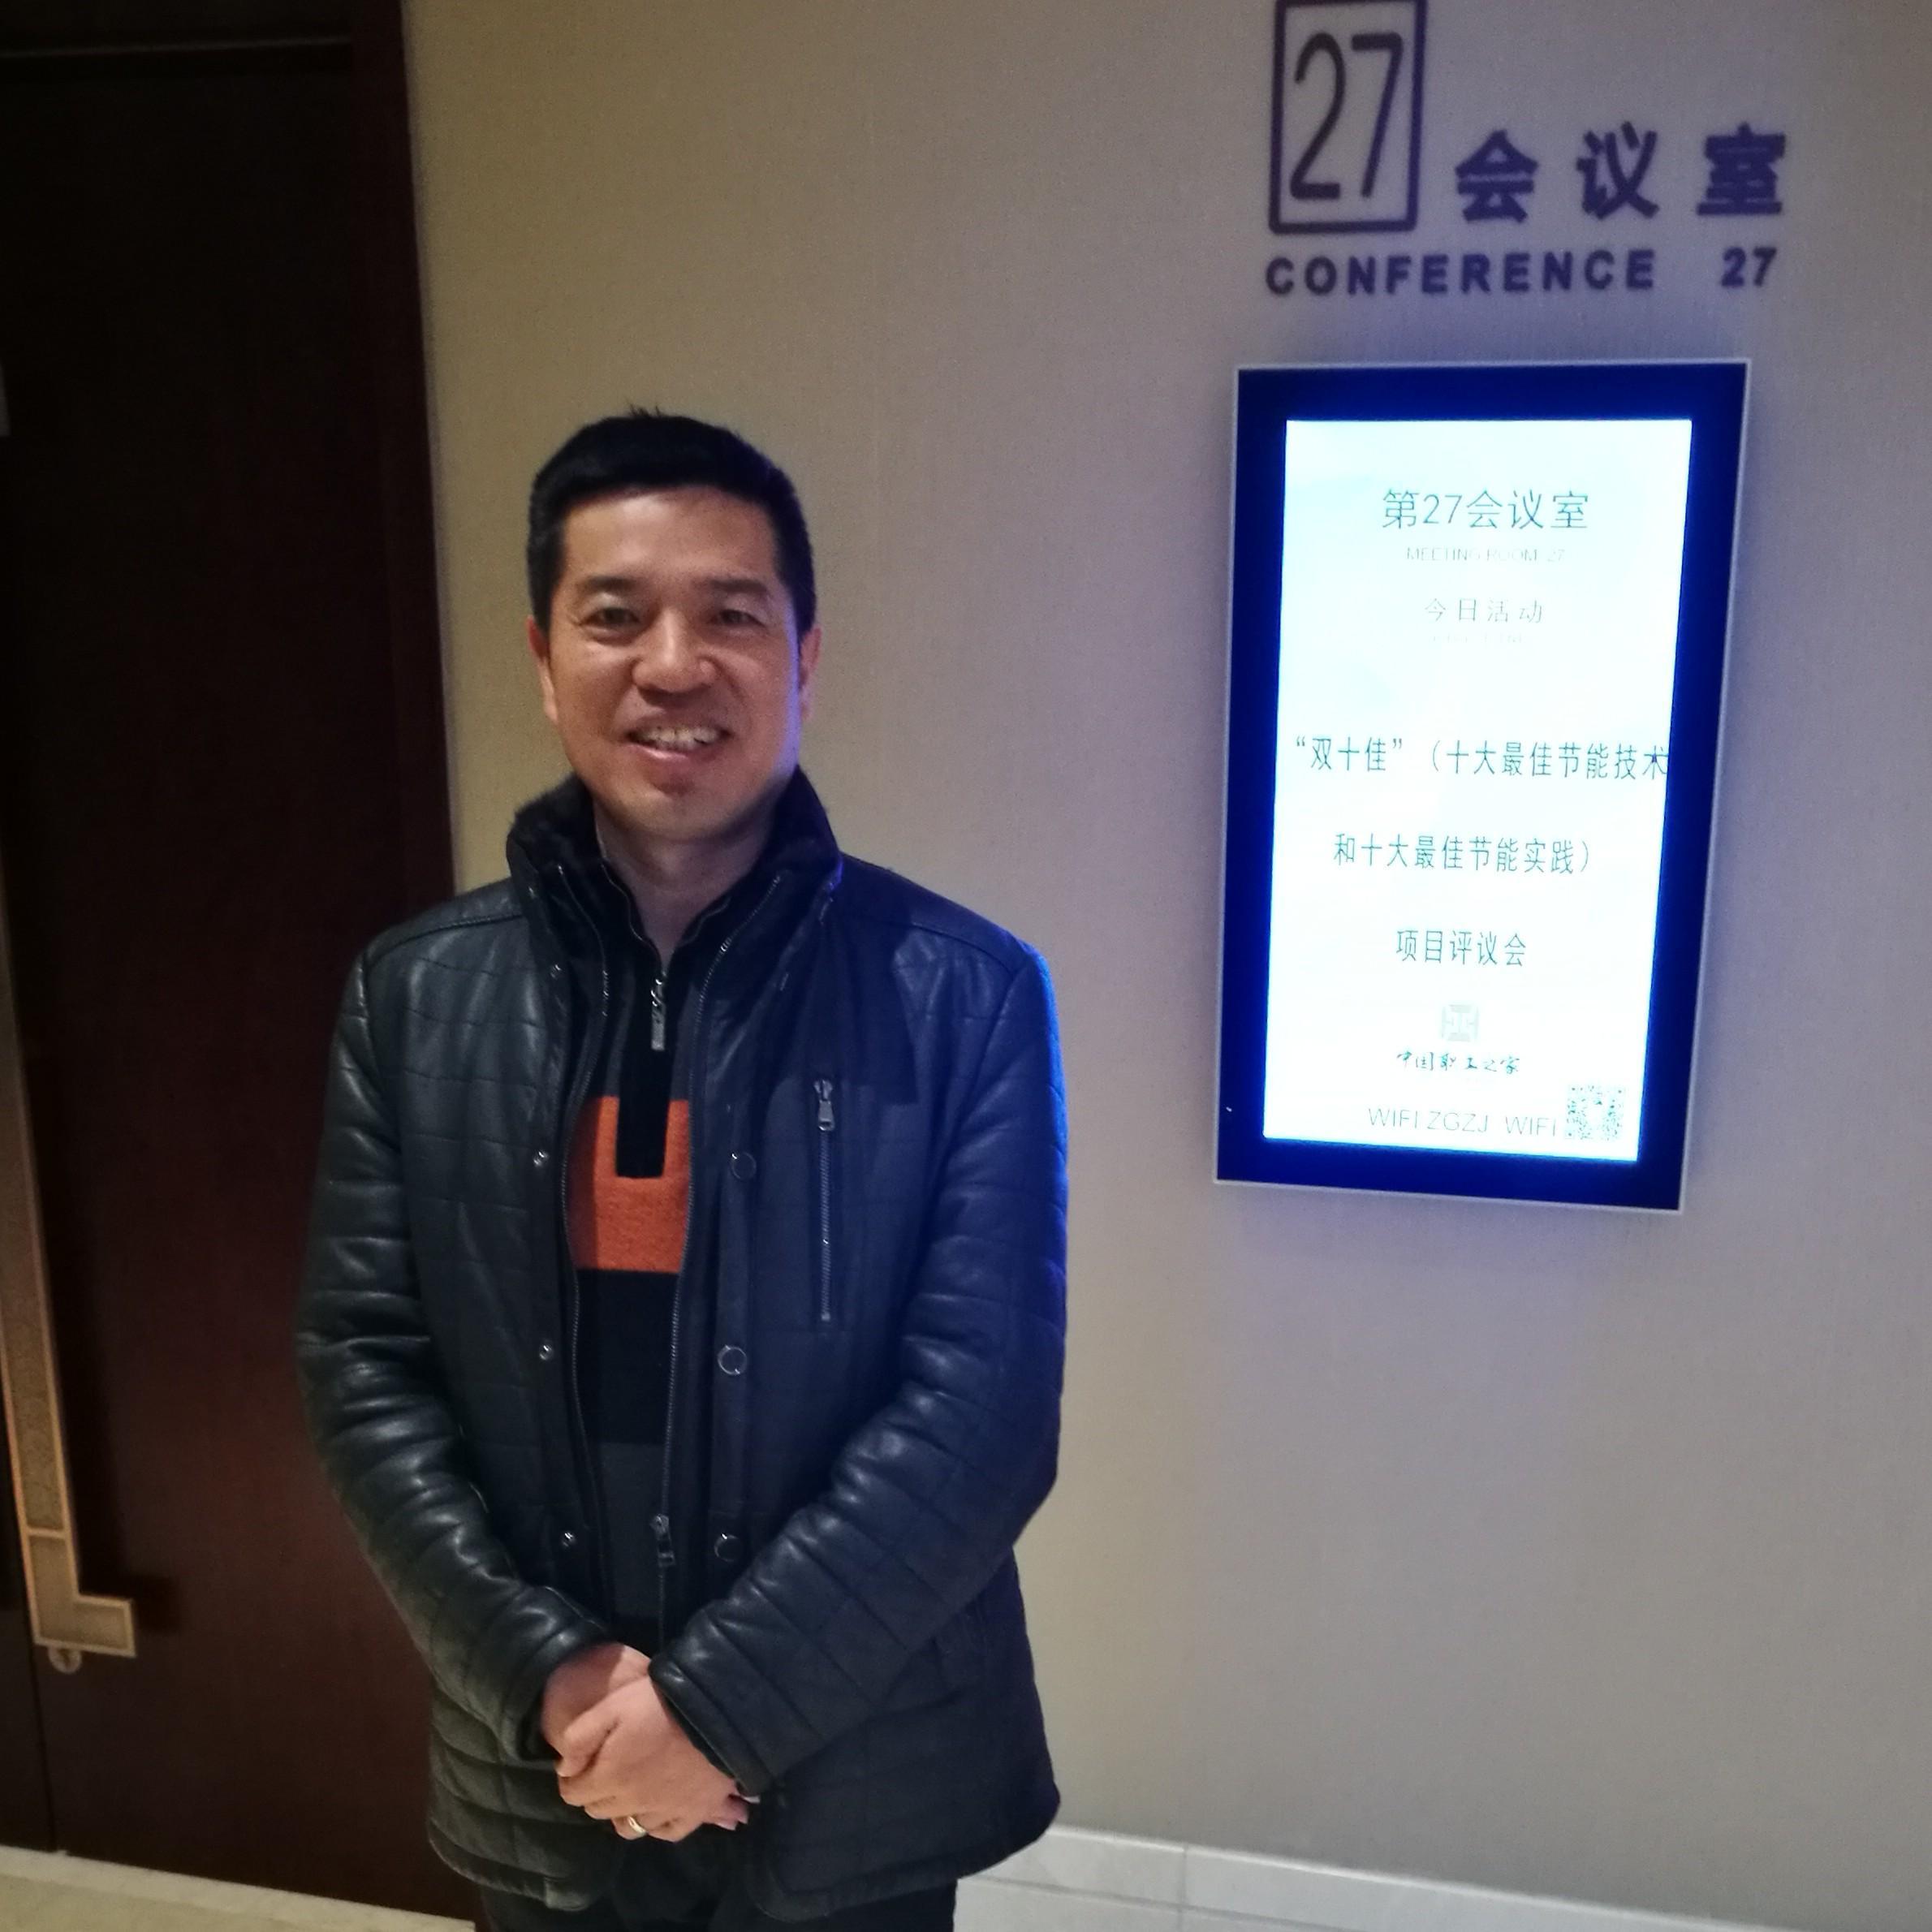 苏州市君悦新材料科技股份有限公司董事长马汝军照片